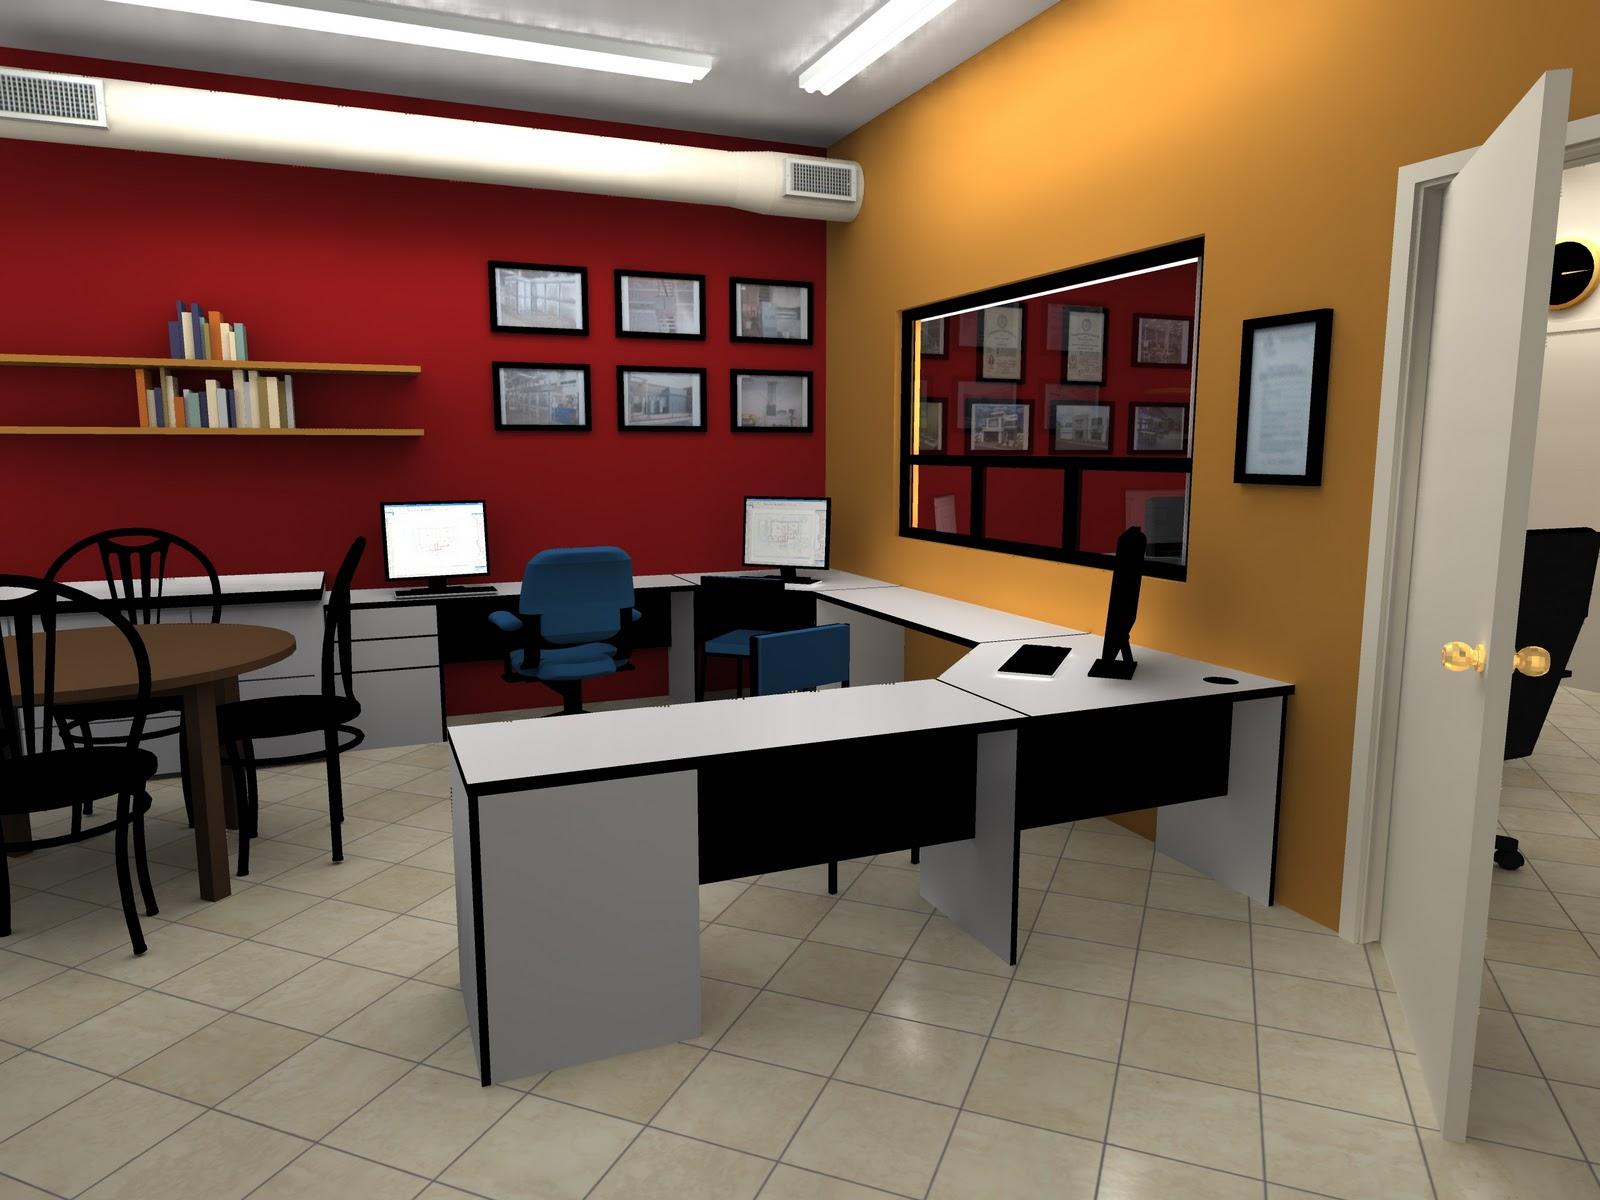 Proyecto lambda remodelacion oficina for Remodelacion oficinas